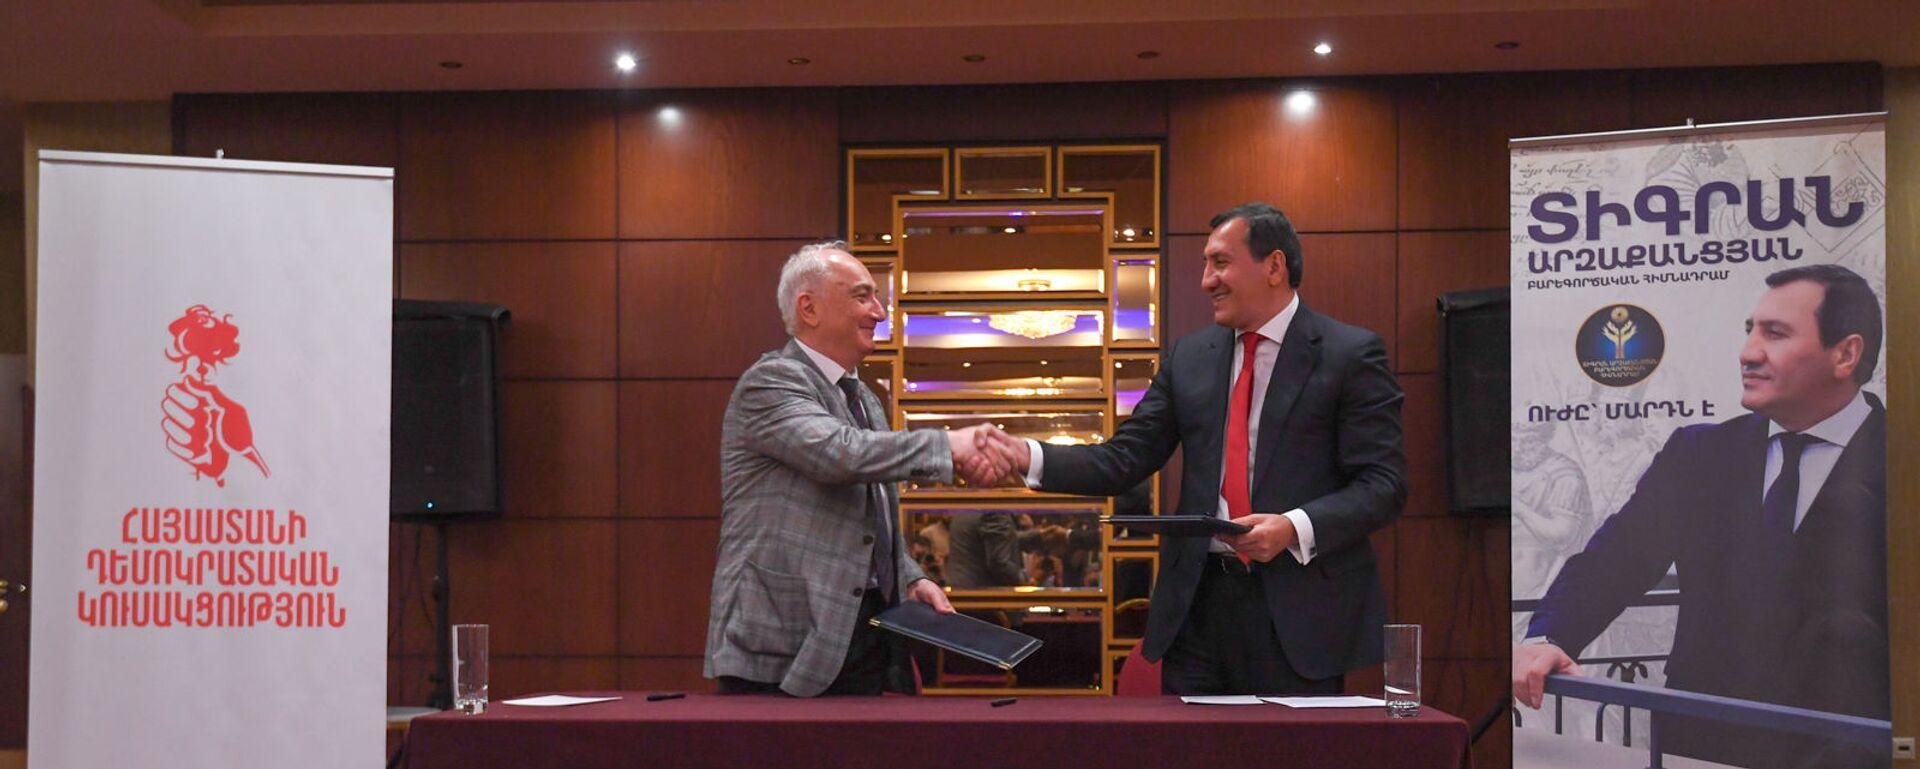 Лидер Армянской демократической партии Арам Саркисян и основатель благотворительного фонда Тигран Арзаканцян пожимают друг другу руки во время церемонии подписания меморандума (18 мая 2021). Еревaн  - Sputnik Армения, 1920, 18.05.2021